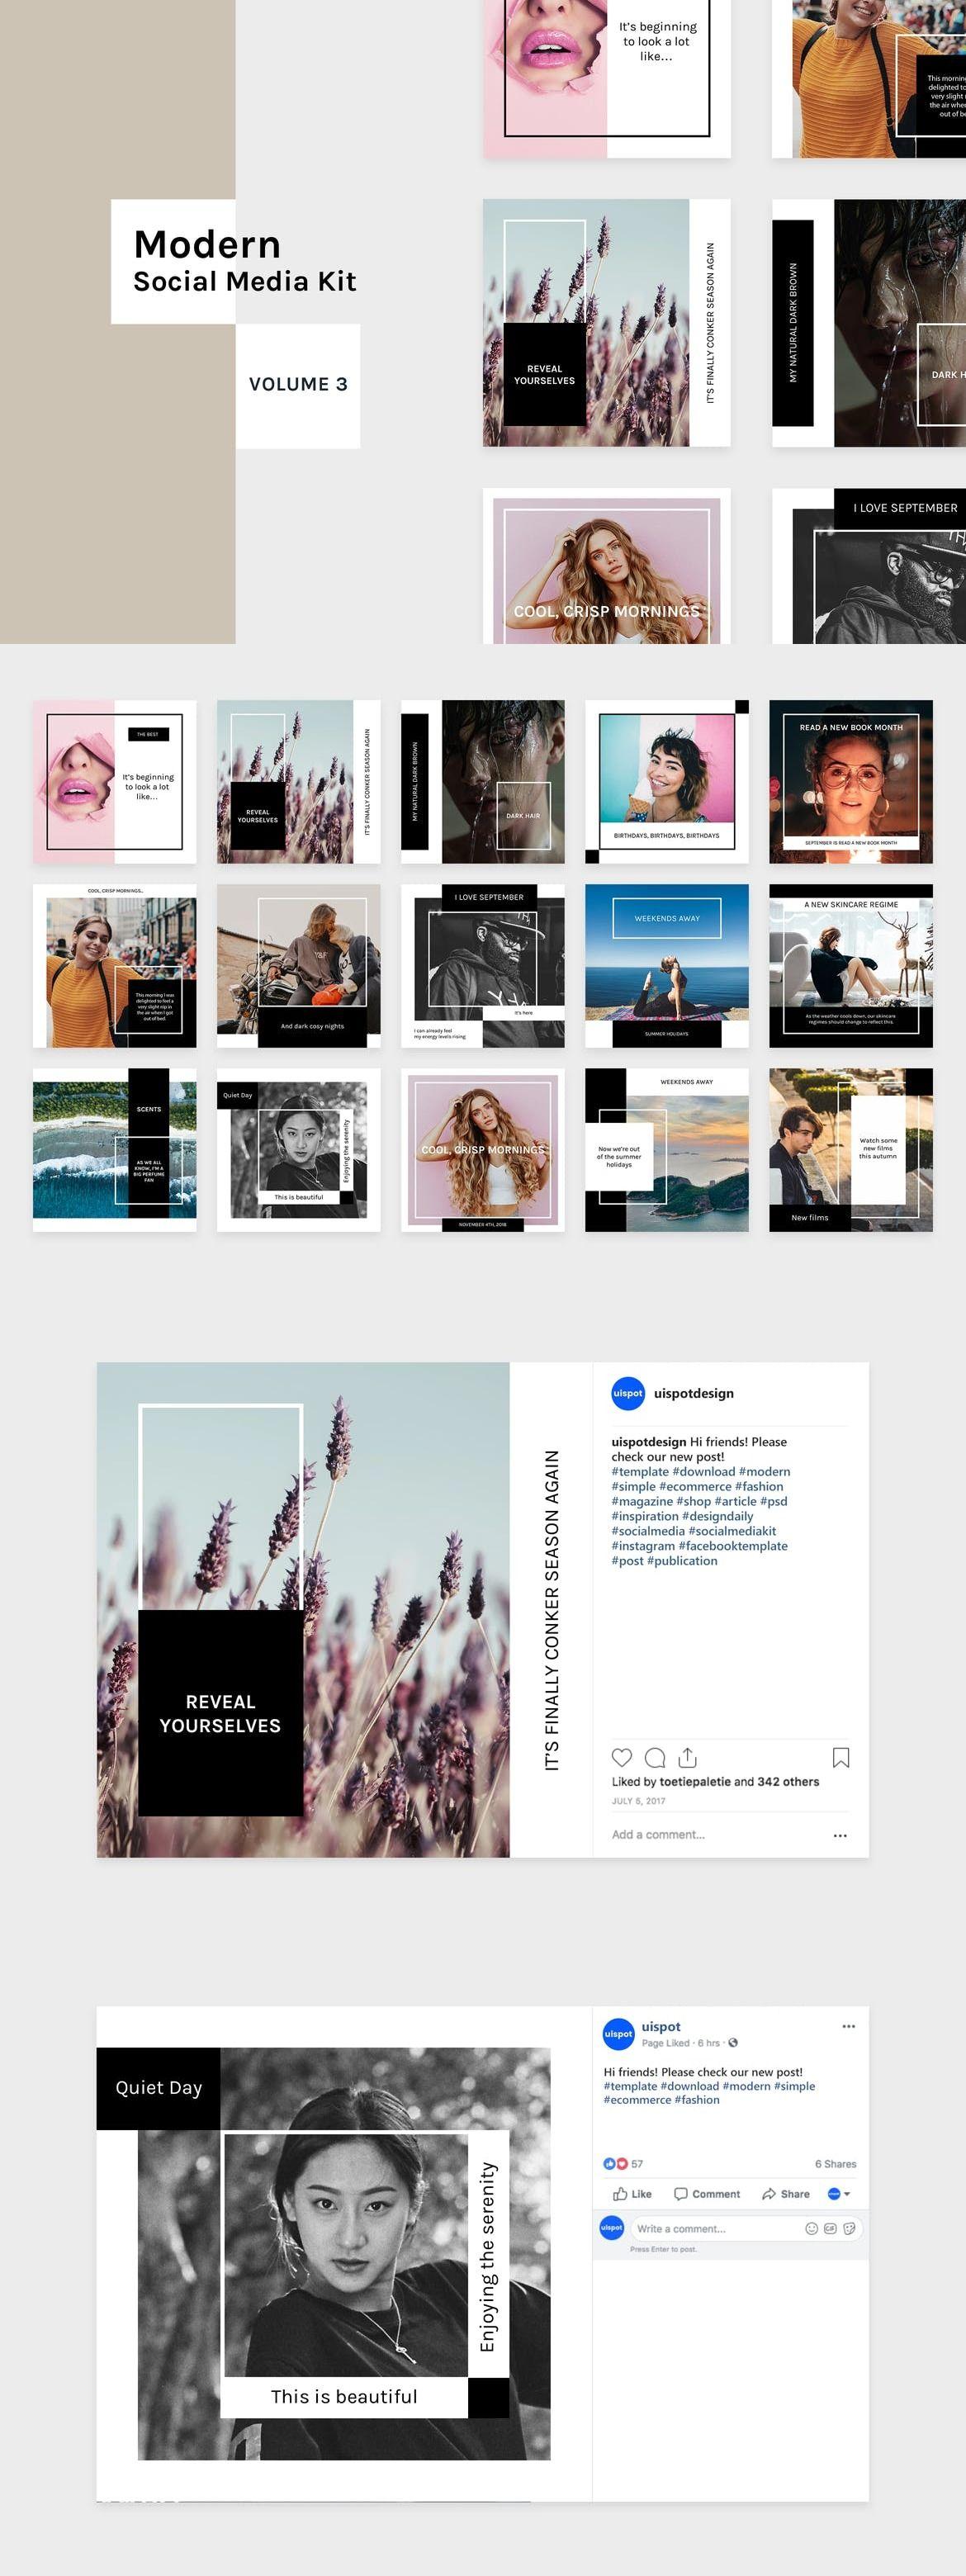 Modern Social Media Kit Vol 3 Template Adobe